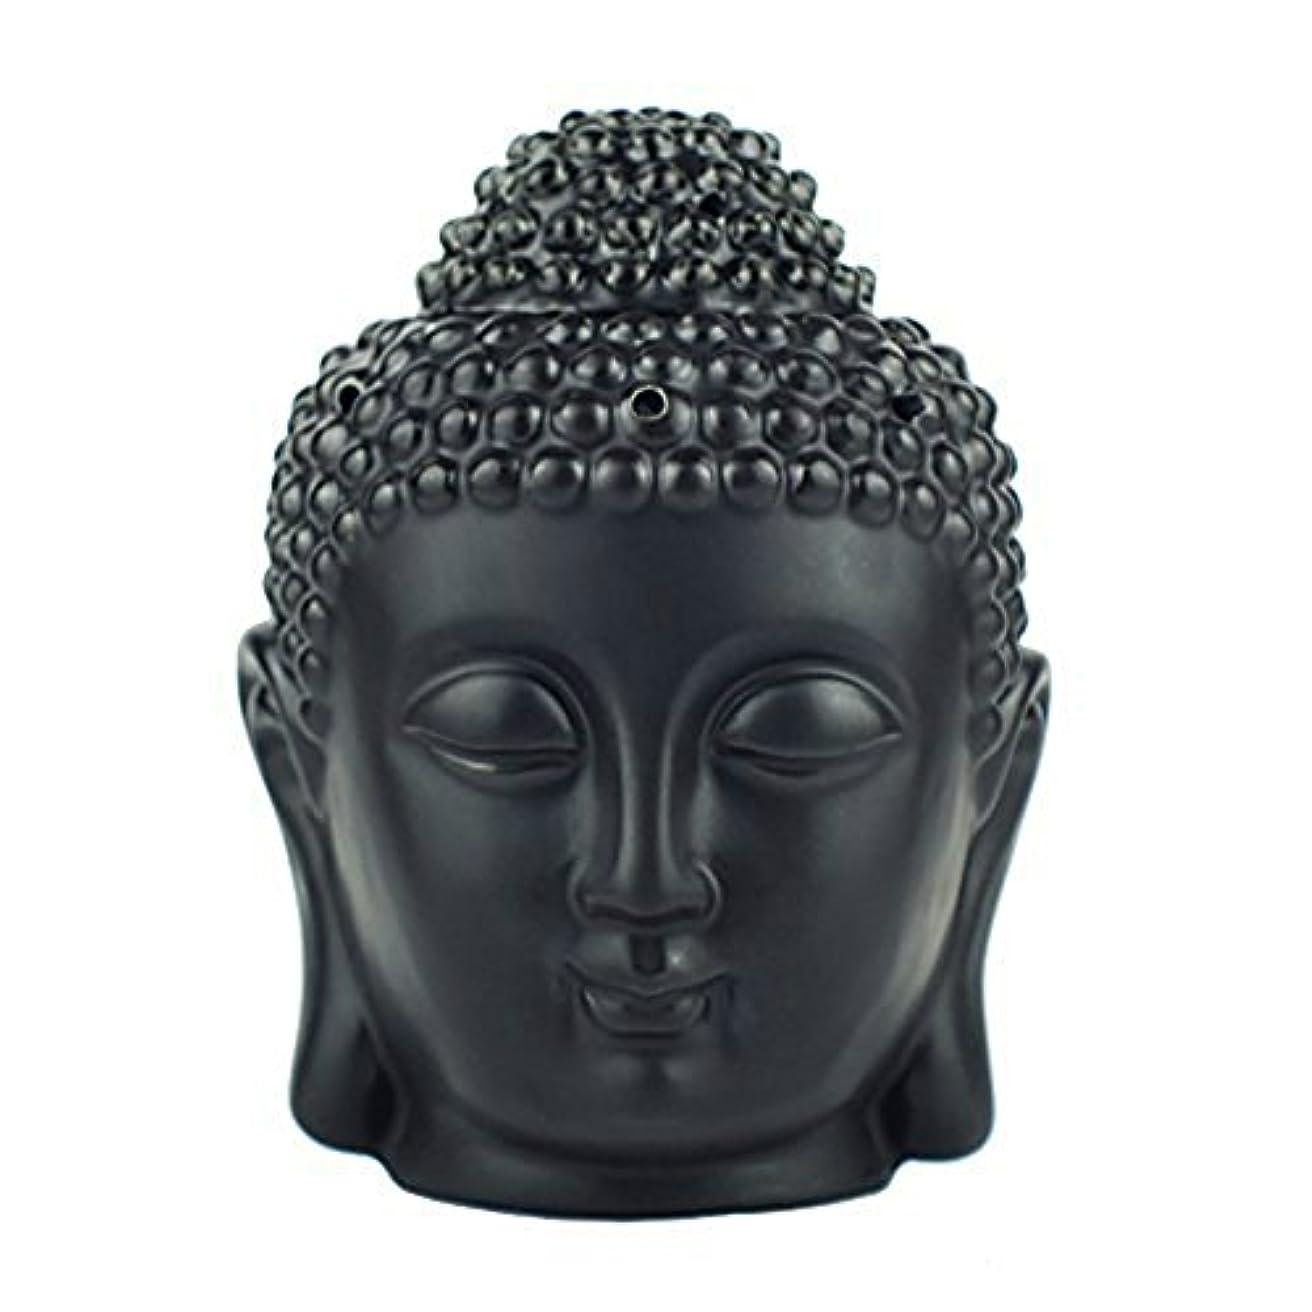 言い聞かせるライム特派員moylor Buddha Head Statueオイルバーナー半透明セラミックアロマセラピーDiffusers父の日のギフトとホームデコレーション(ホワイト&ブラック)